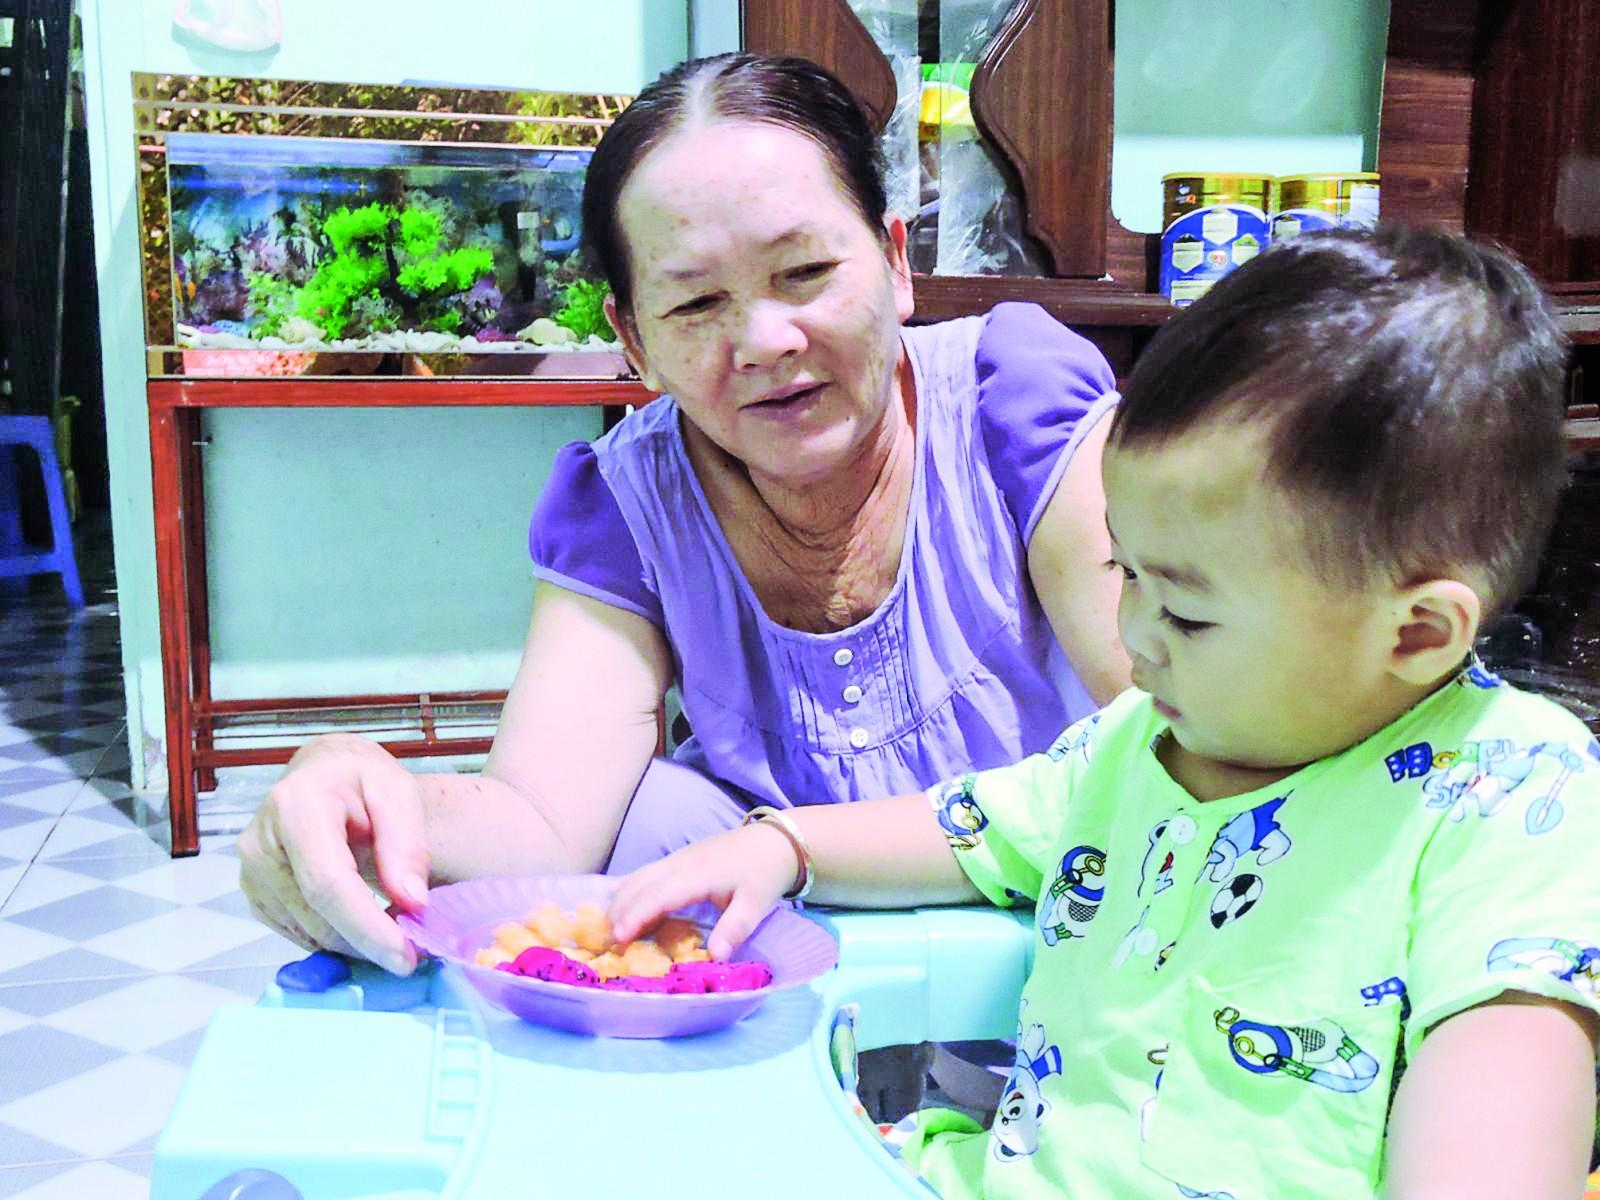 Chăm trẻ theo cách hiện đại hay truyền thống đều có ưu điểm riêng, cần được các gia đình chọn lọc, lựa chọn sao cho phù hợp nhất với trẻ.